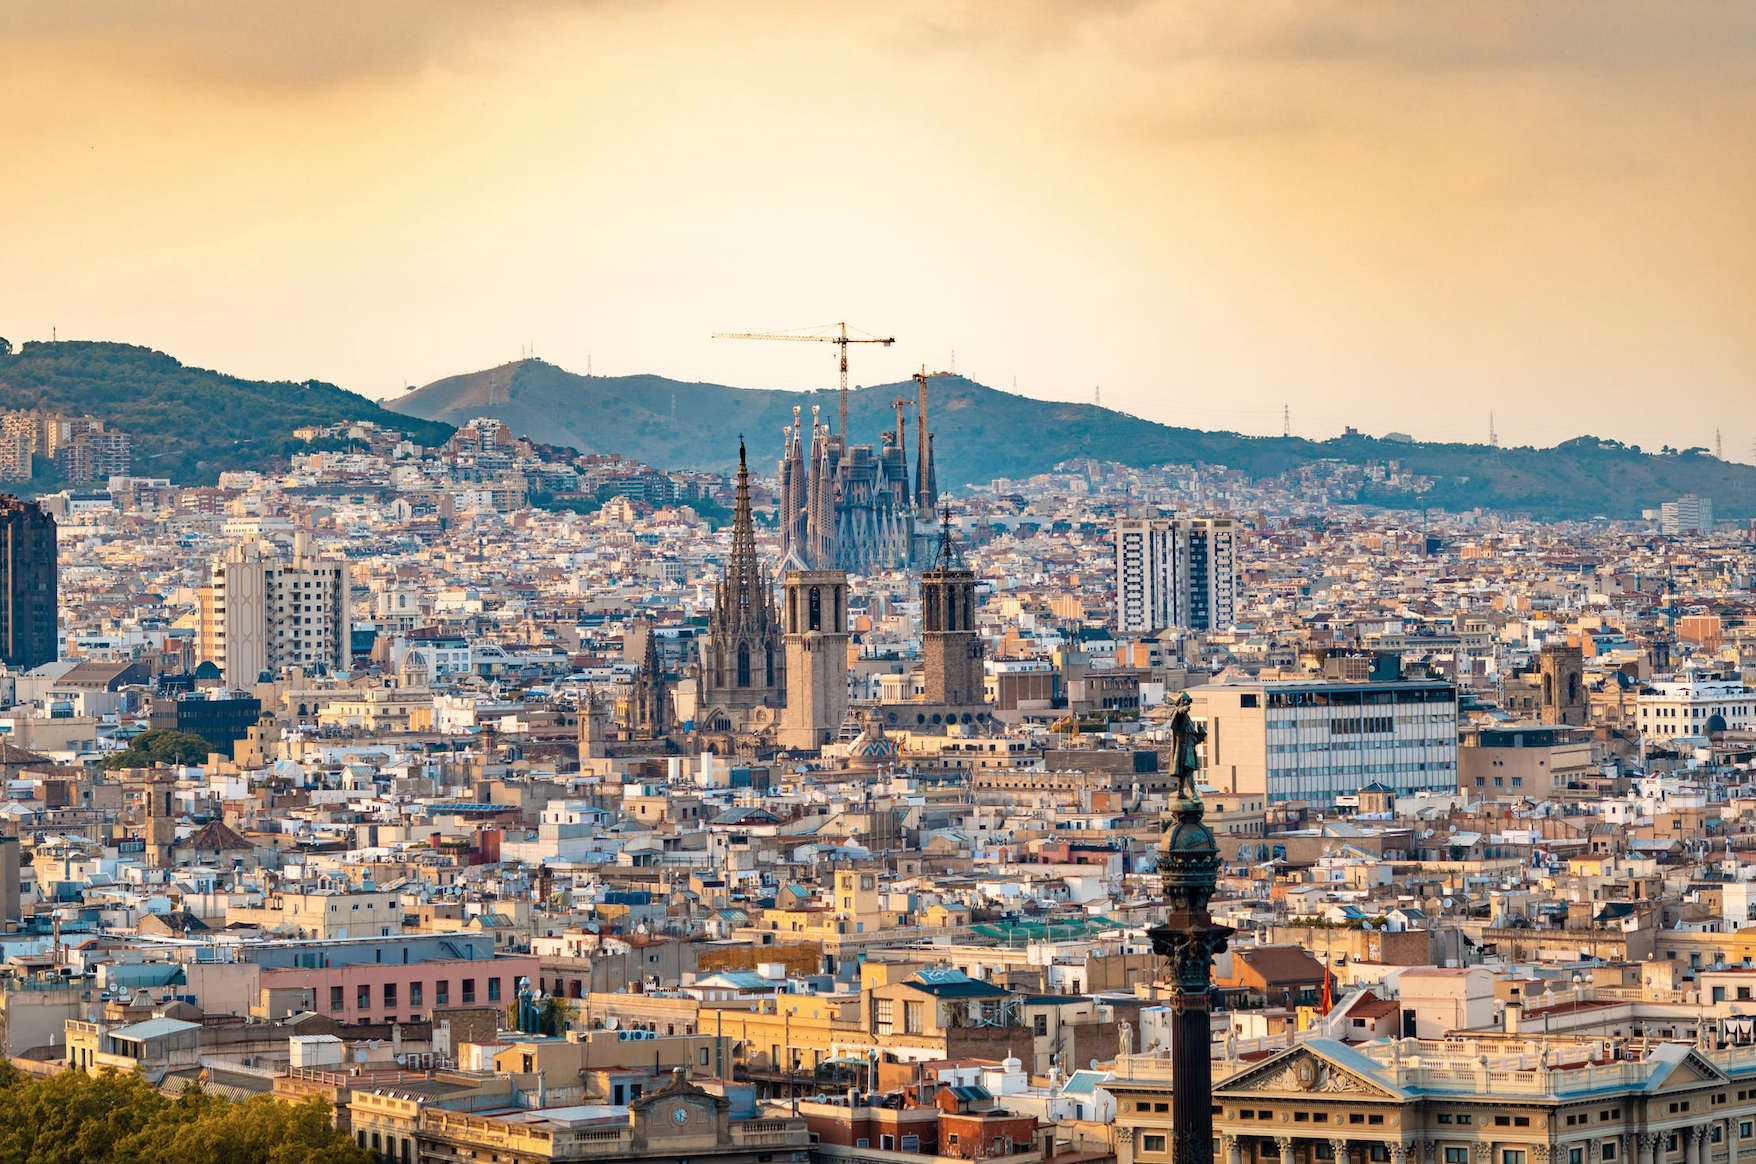 Совет по туризму Испании считает прогнозы о возвращении туризма не ранее Рождества необоснованными